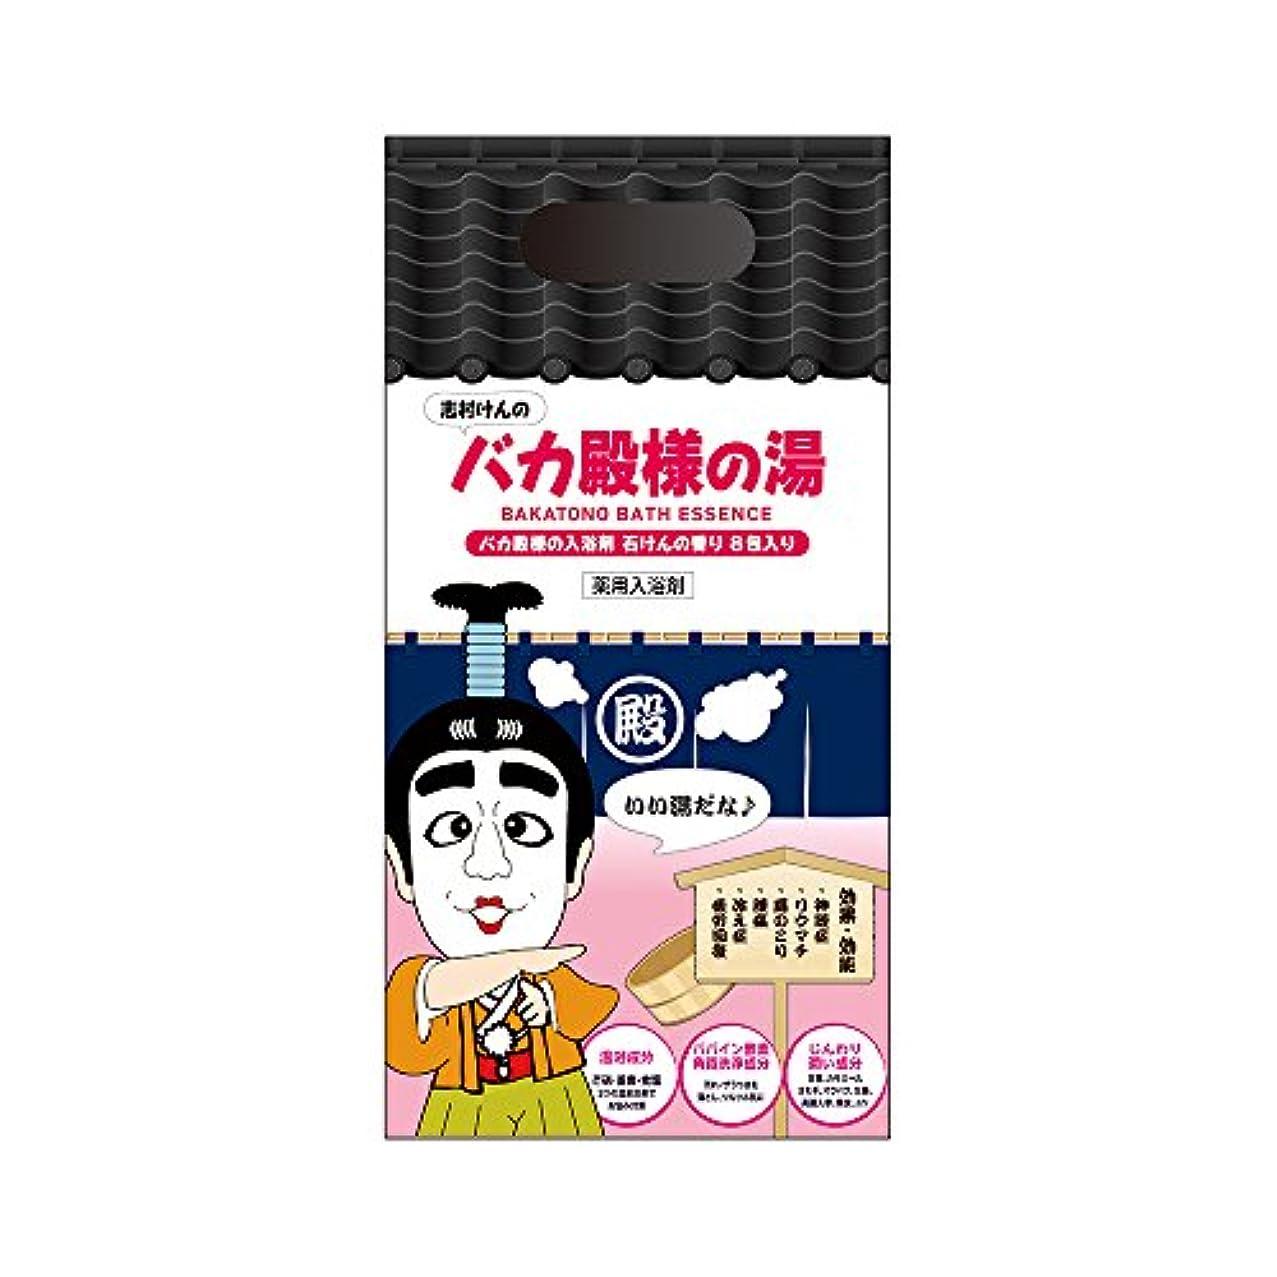 コミット詩ハーフ志村けんのバカ殿様の湯 バカ殿様の入浴剤 石けんの香り (25g × 8包入り)